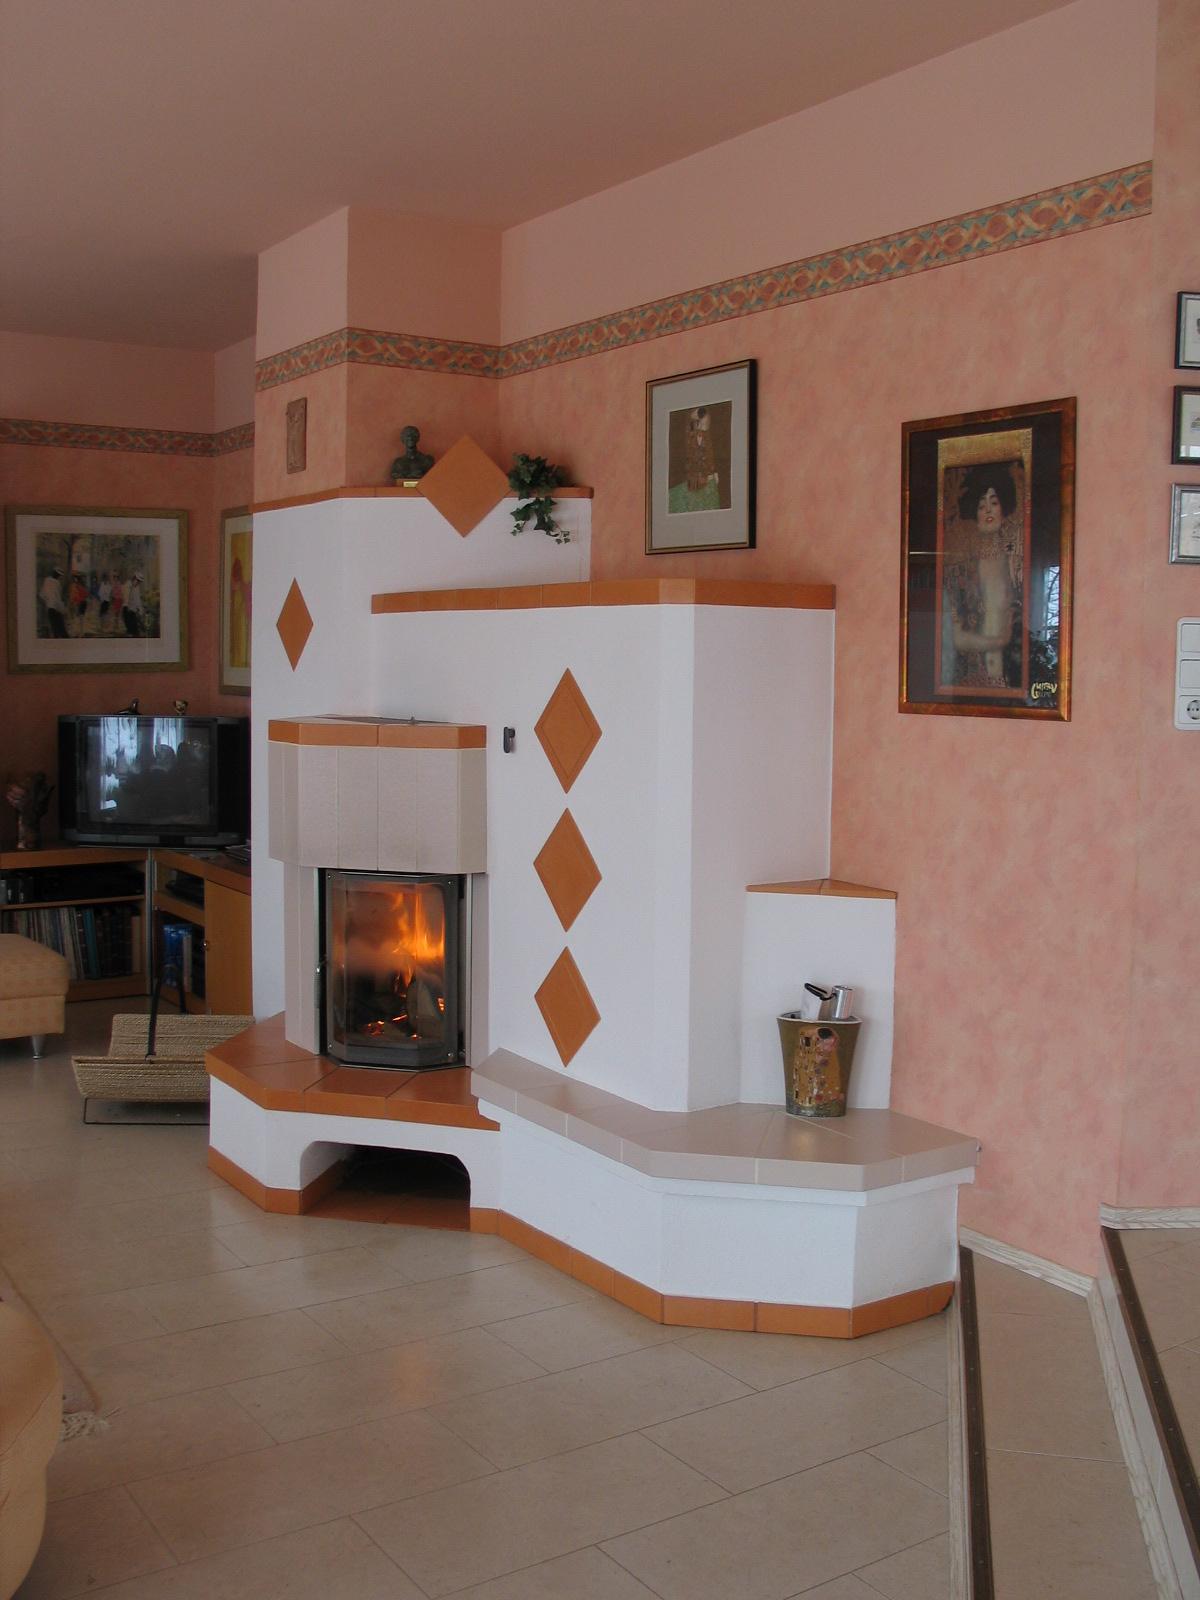 kachelofen mit backfach kachelofen mit backfach bildersammlung zum kachelofen mit backfach. Black Bedroom Furniture Sets. Home Design Ideas